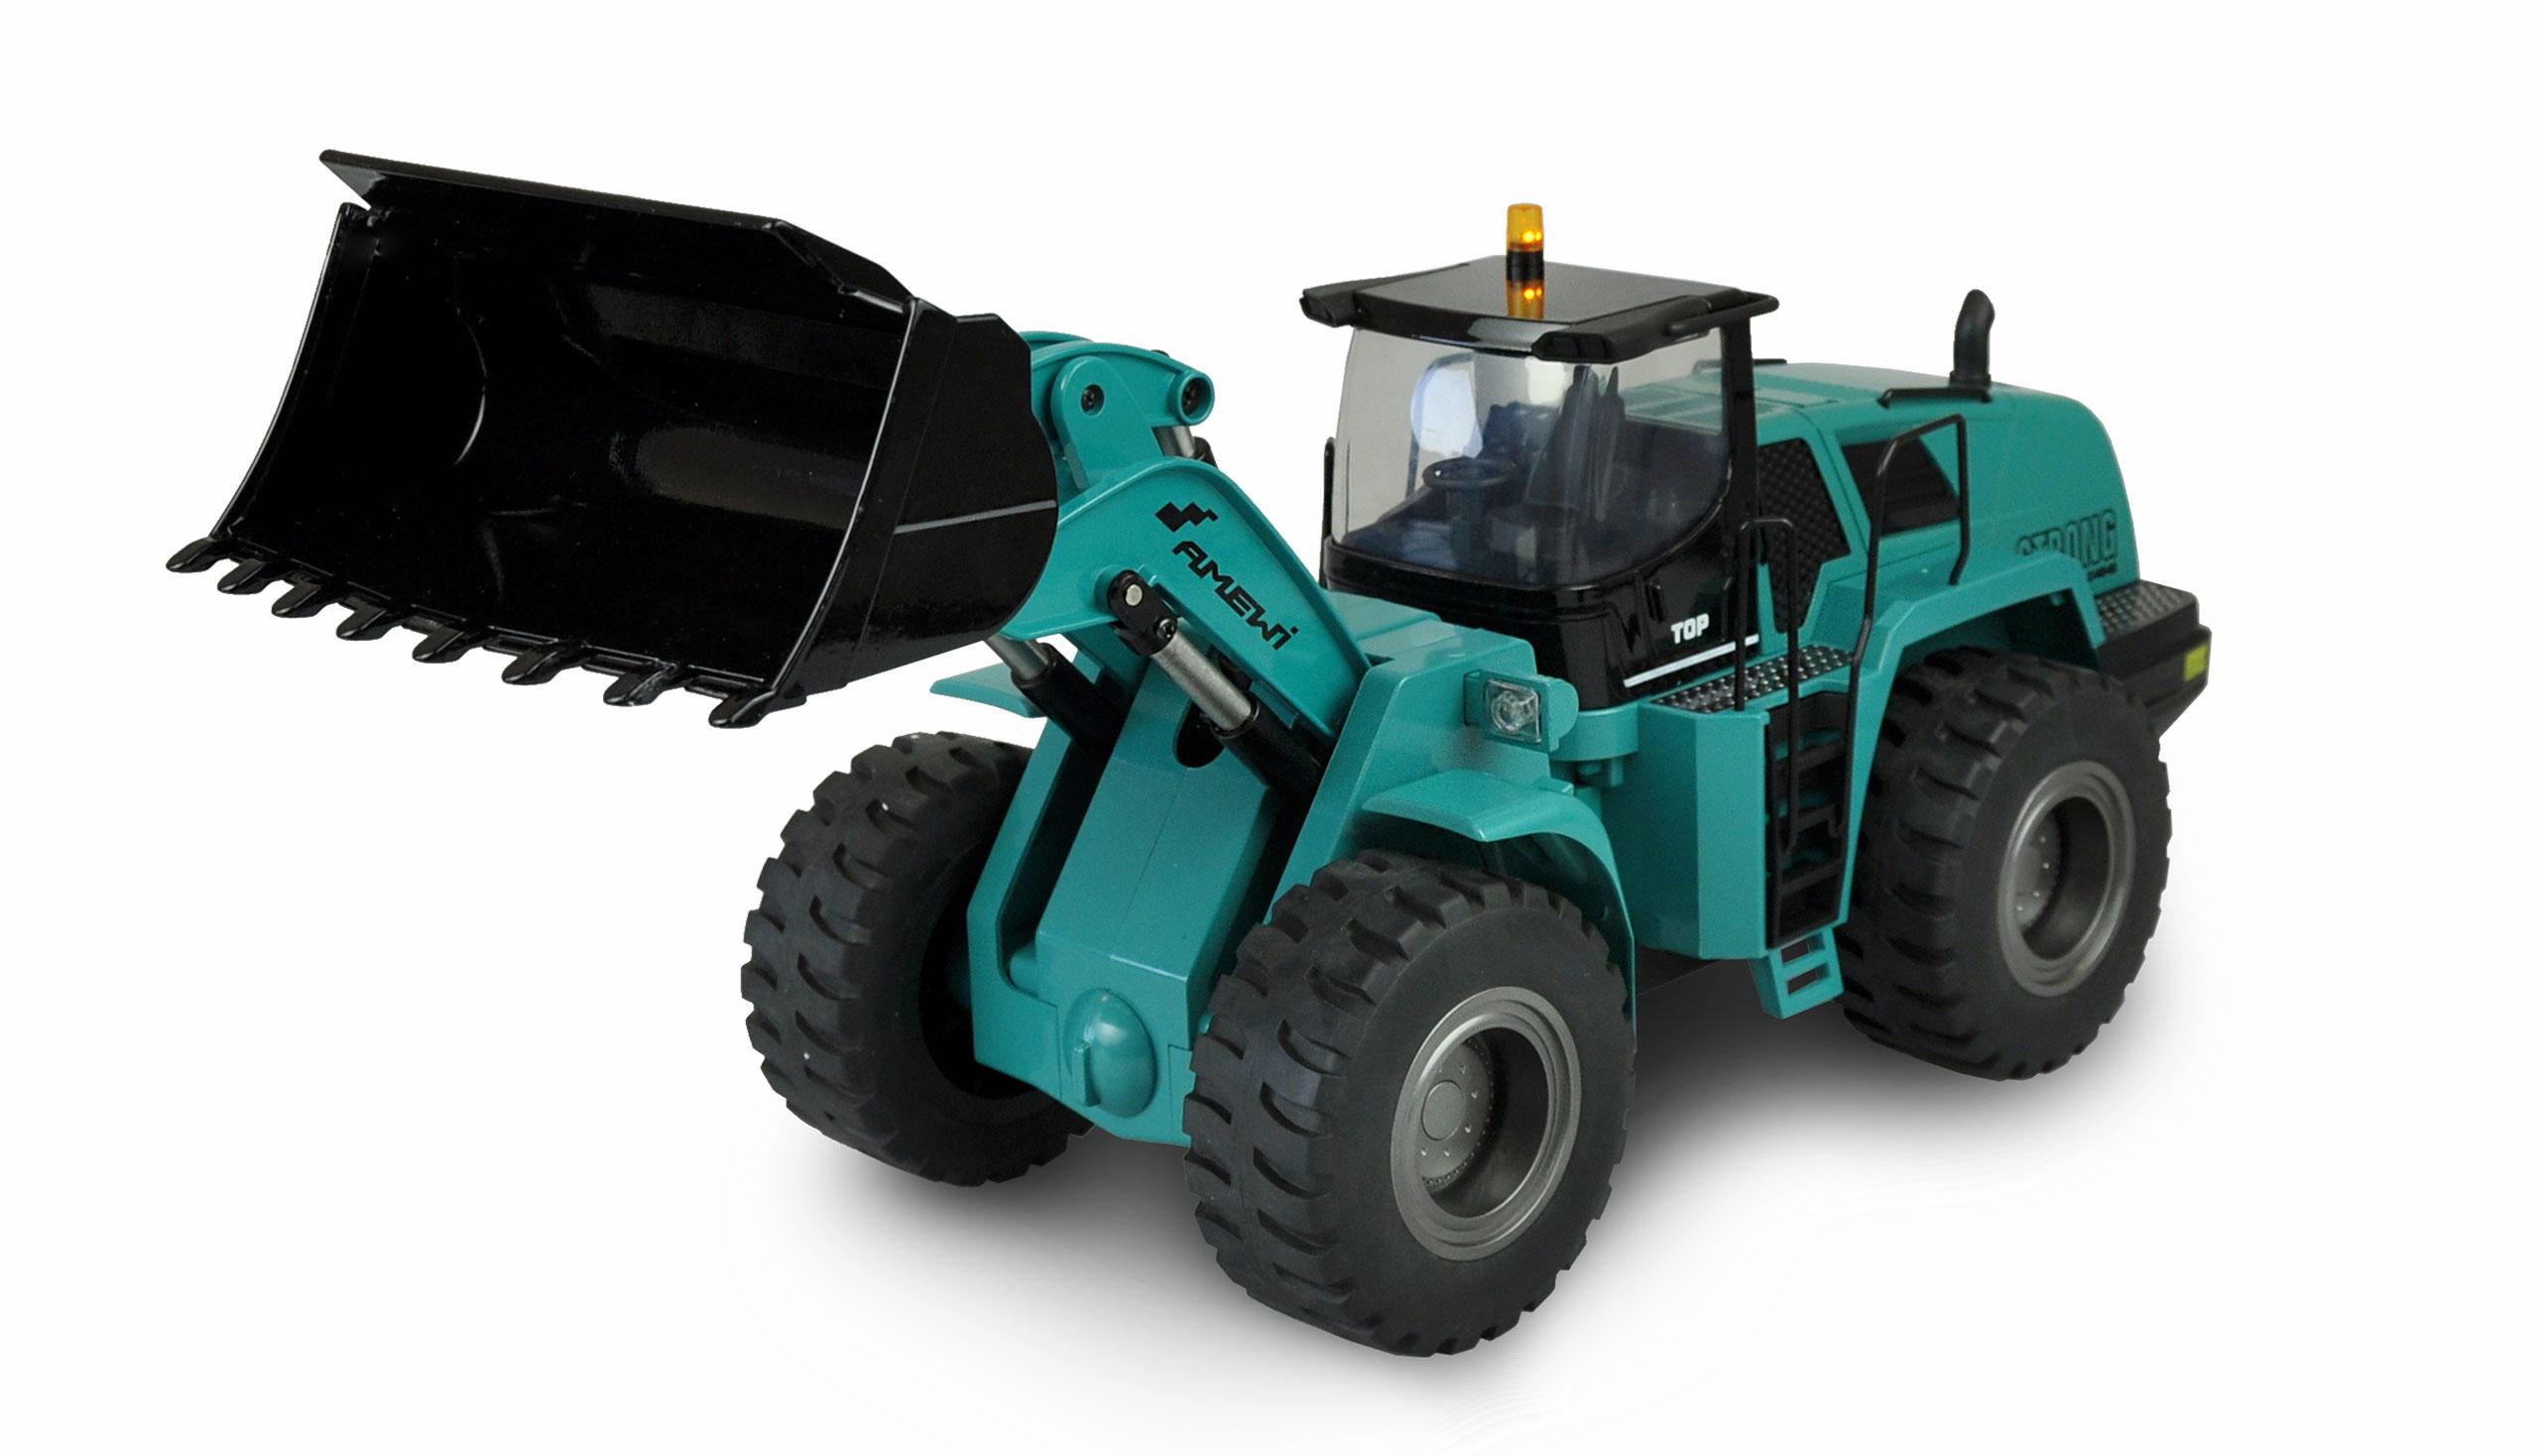 Vorschau: Amewi Radlader G484E - Traktor - 1:14 - Junge - 2000 mAh - 4,8 kg